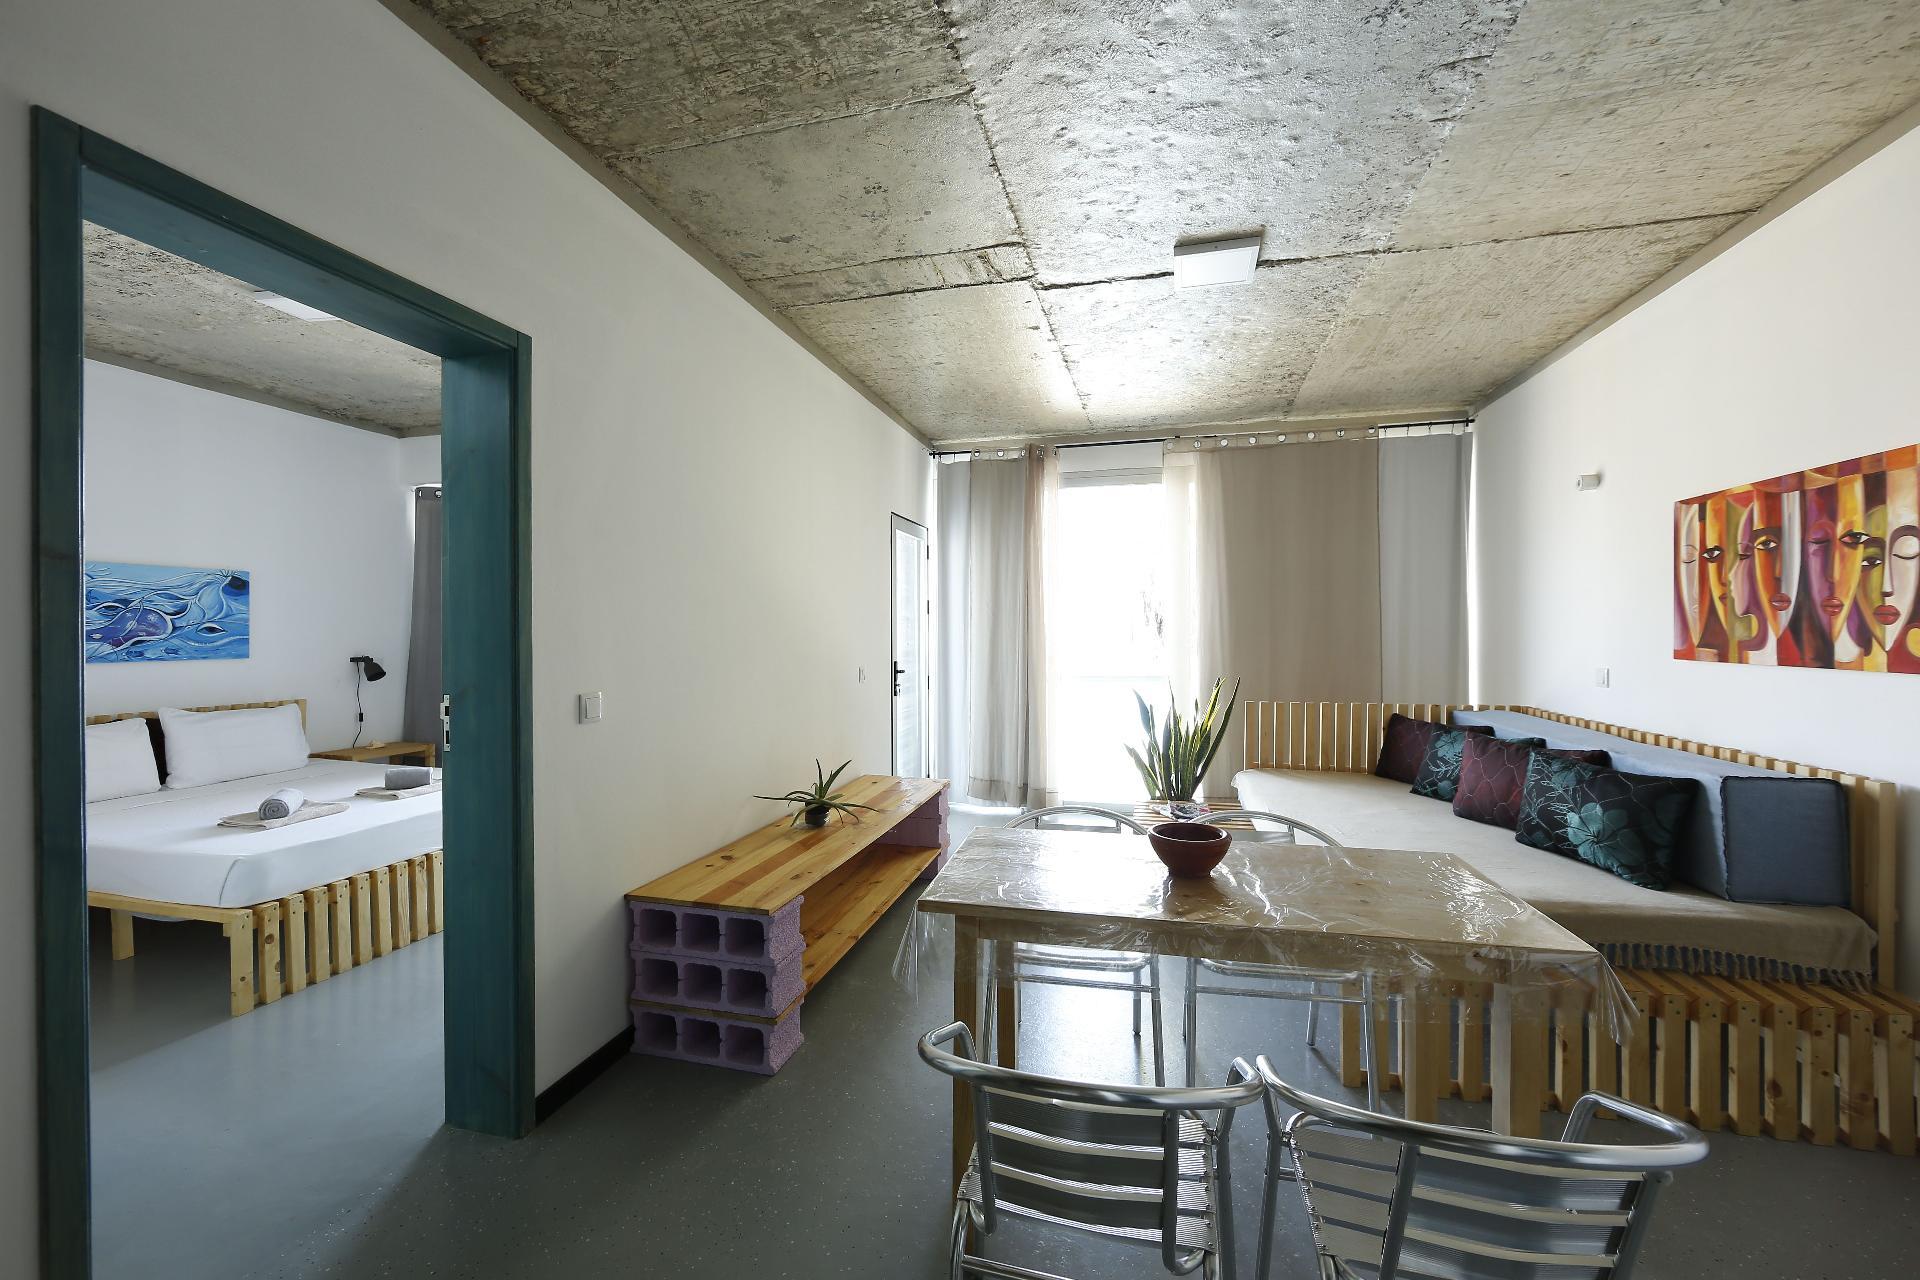 Ferienwohnung für 4 Personen ca. 45 m² i  in Afrika